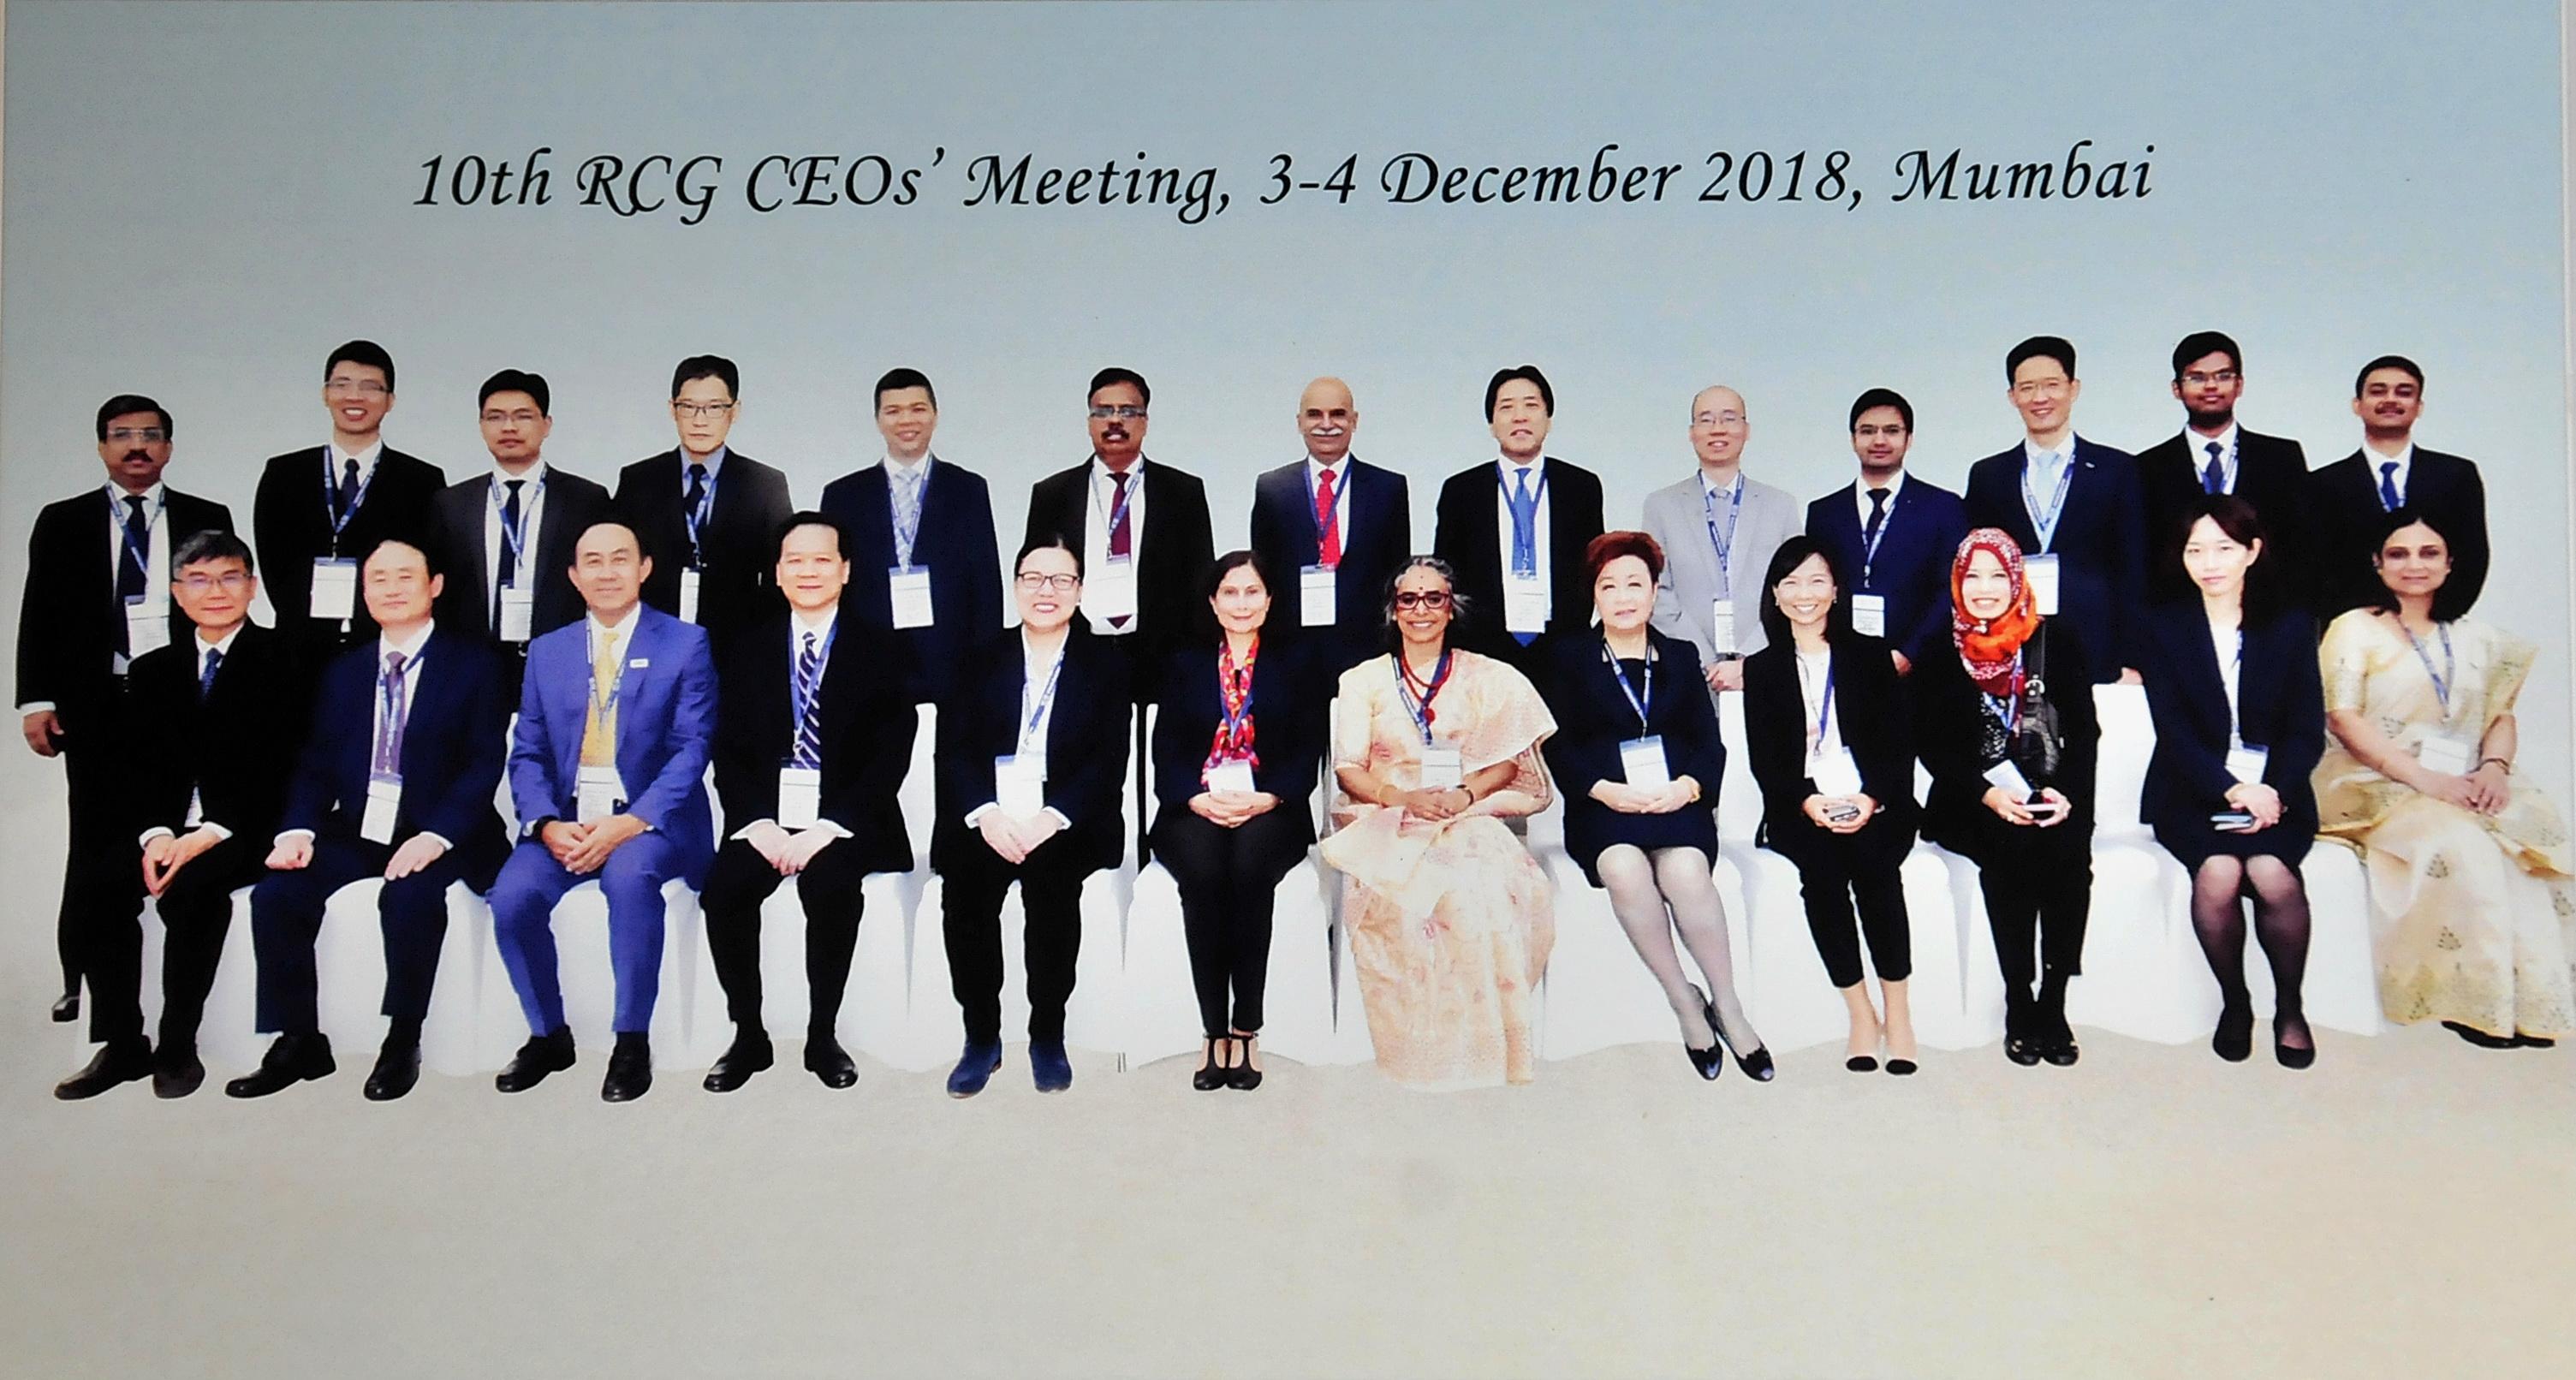 圖片說明-輸出入銀行參加伯恩聯盟第十屆亞洲會員區域合作首長會議,加強同業合作並交流市場訊息